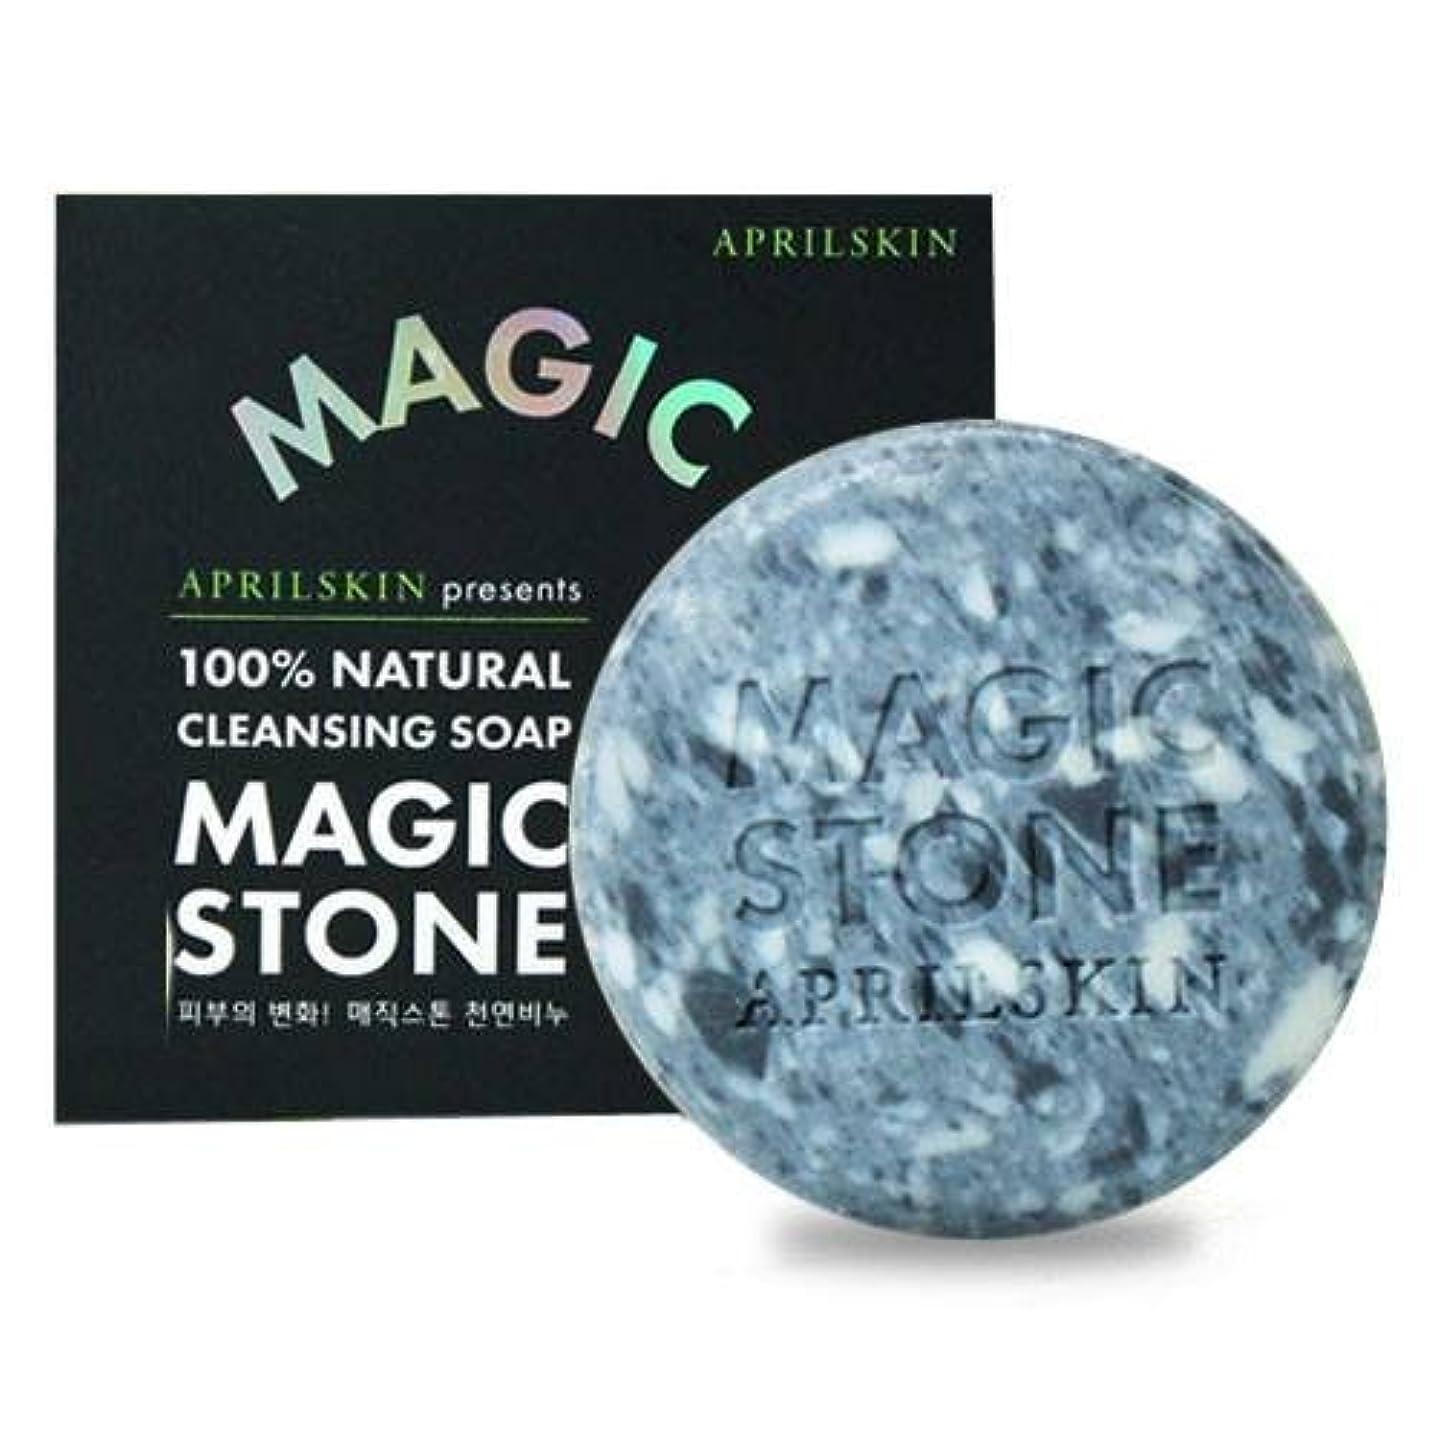 隔離かどうか有名[APRILSKIN] エイプリルスキン国民石鹸 (APRIL SKIN magic stone マジックストーンのリニューアルバージョン新発売) (ORIGINAL) [並行輸入品]